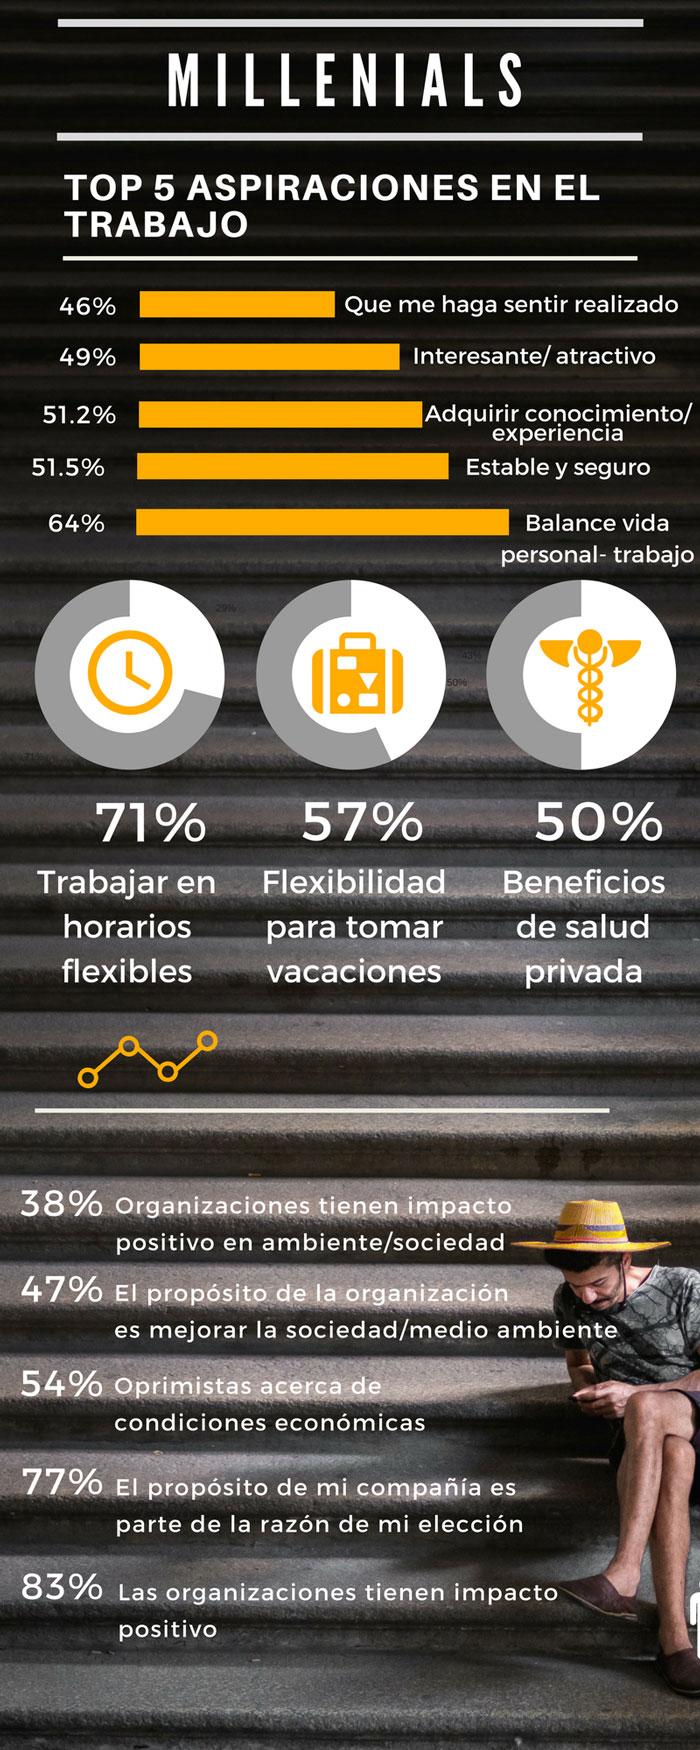 Millenials: Top 5 aspiraciones en el trabajo